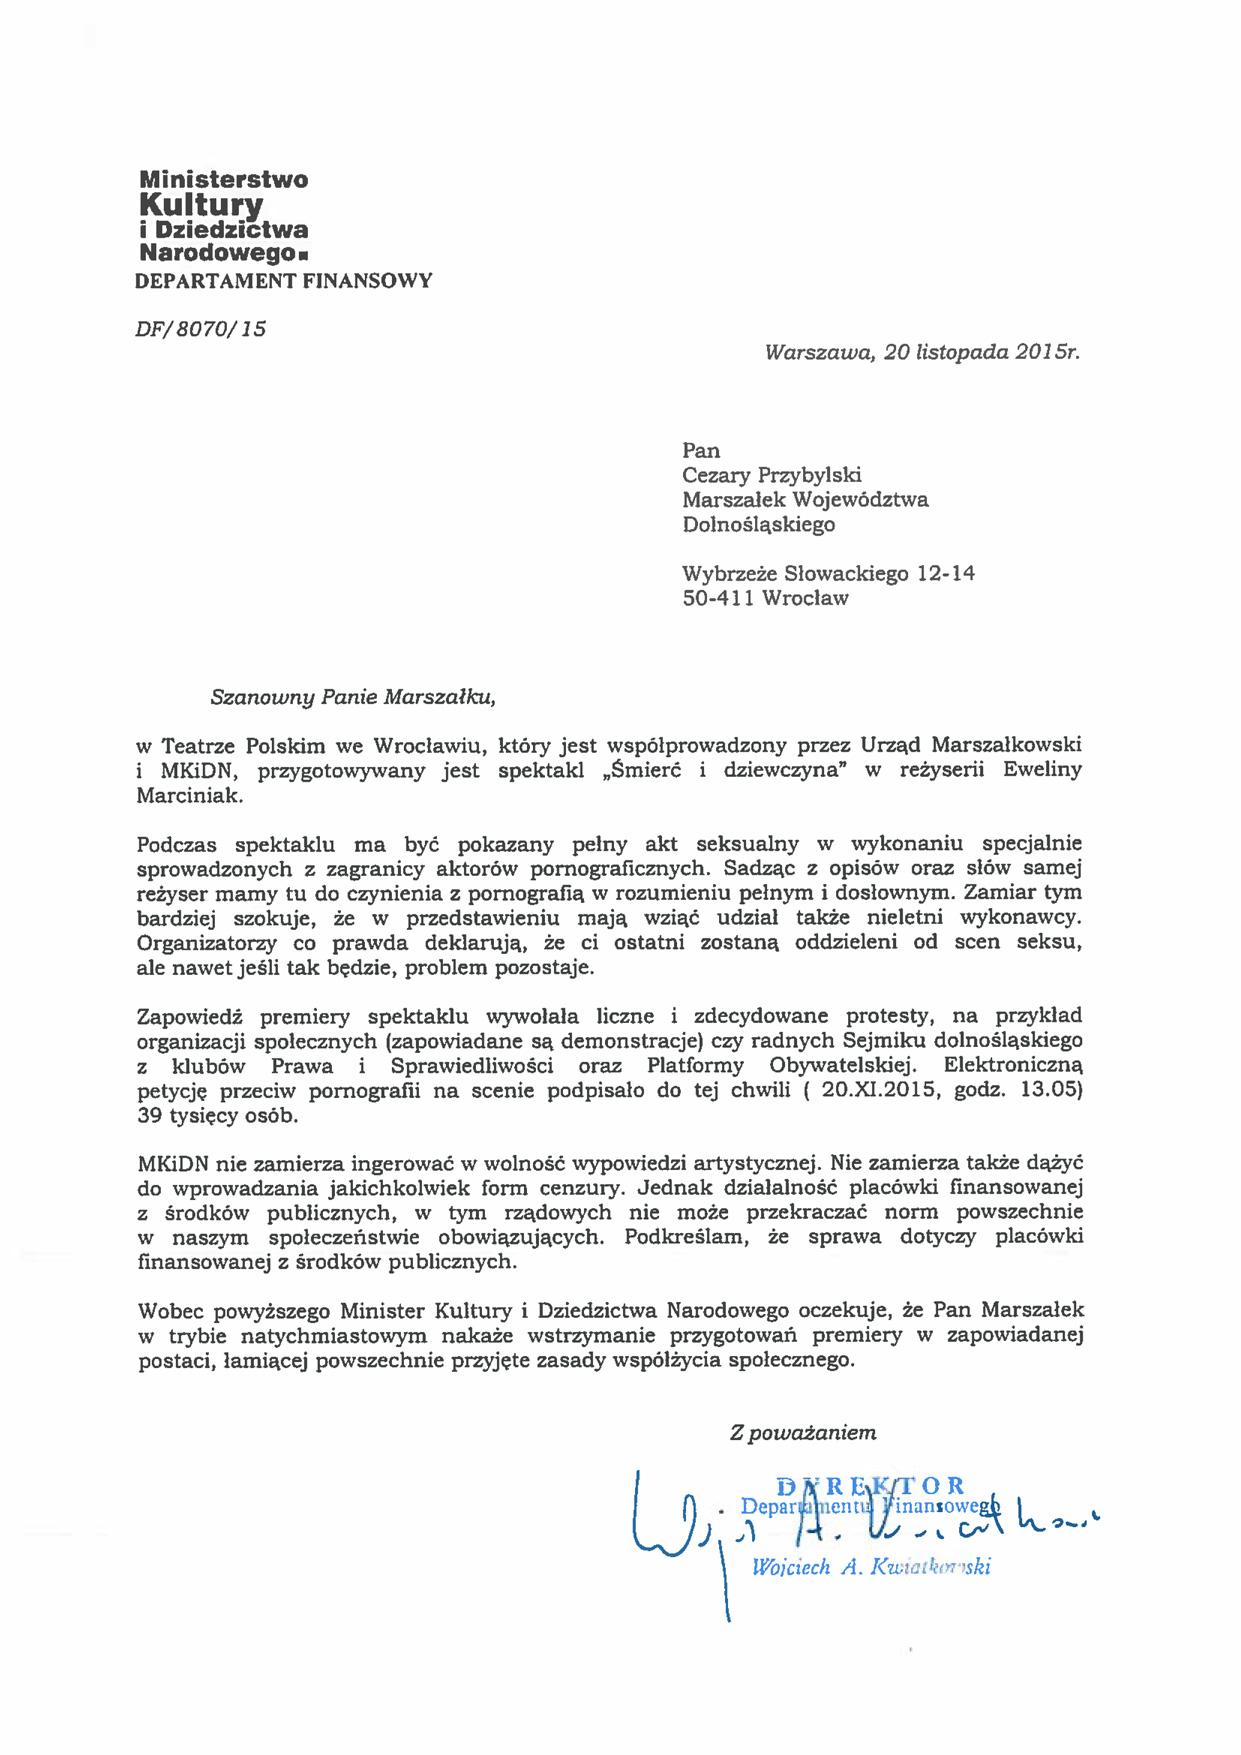 Skan stanowiska MKiDN